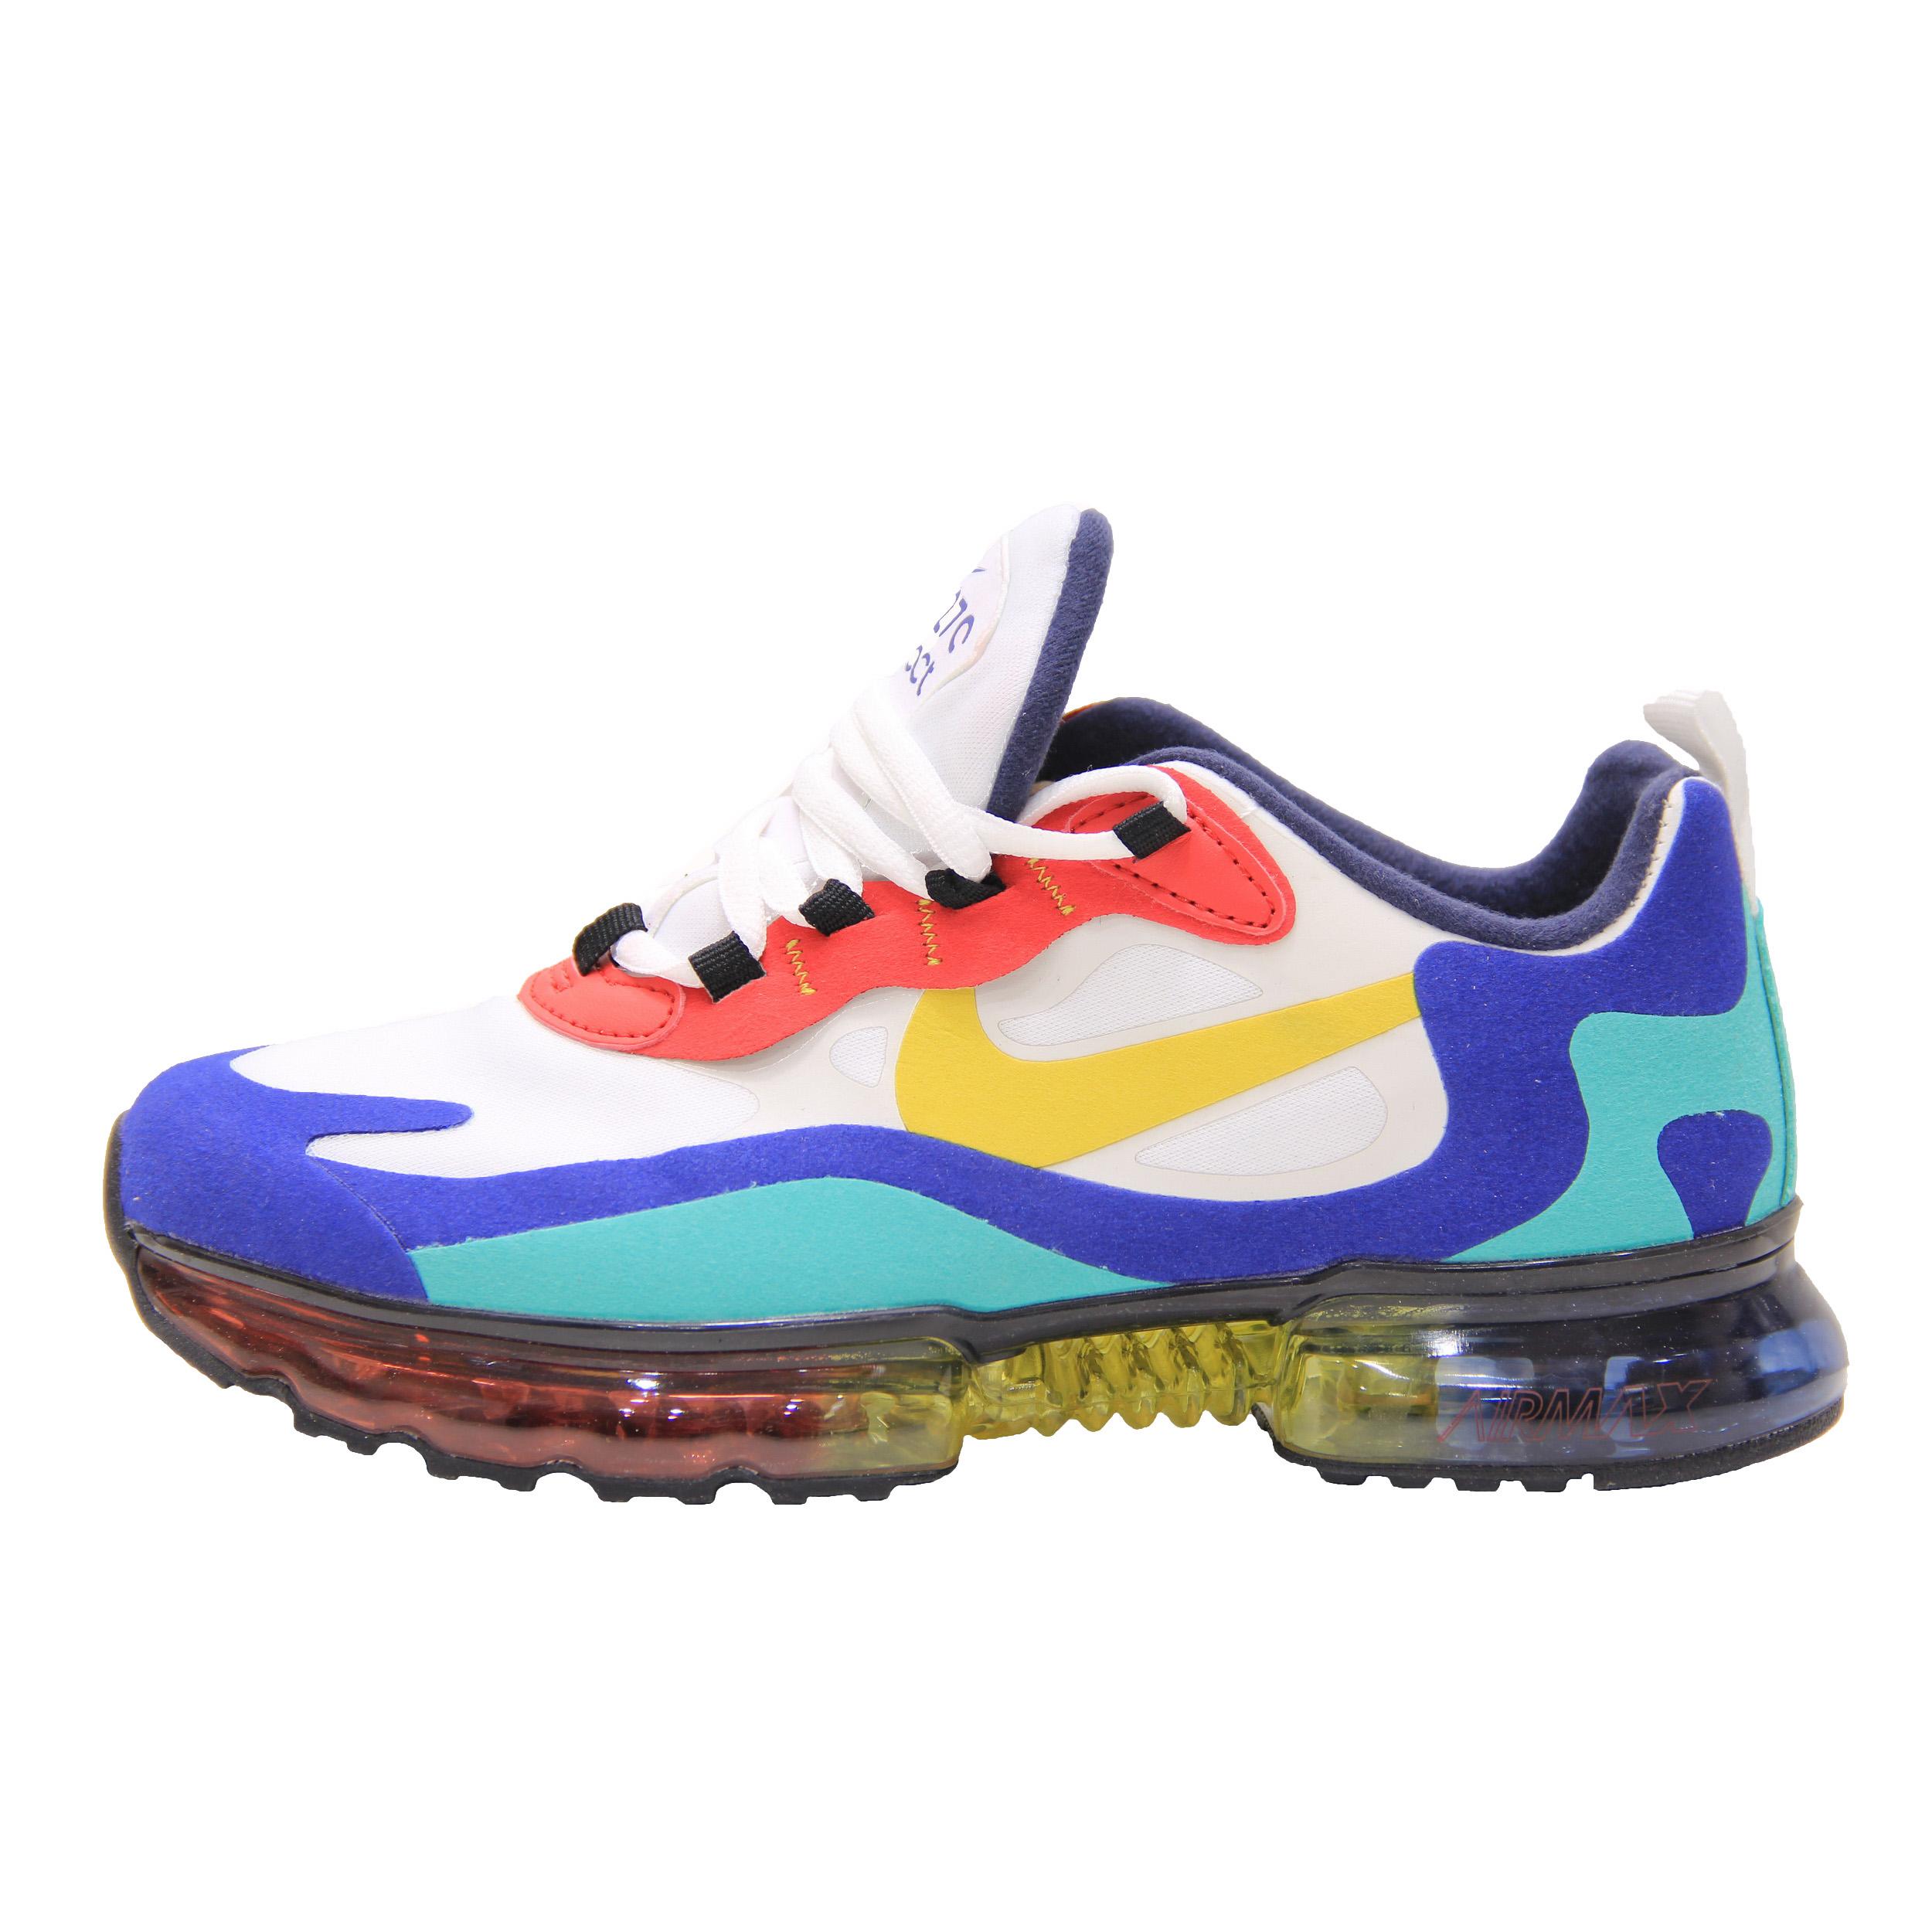 کفش مخصوص پیاده روی زنانه نایکی مدل Air Max